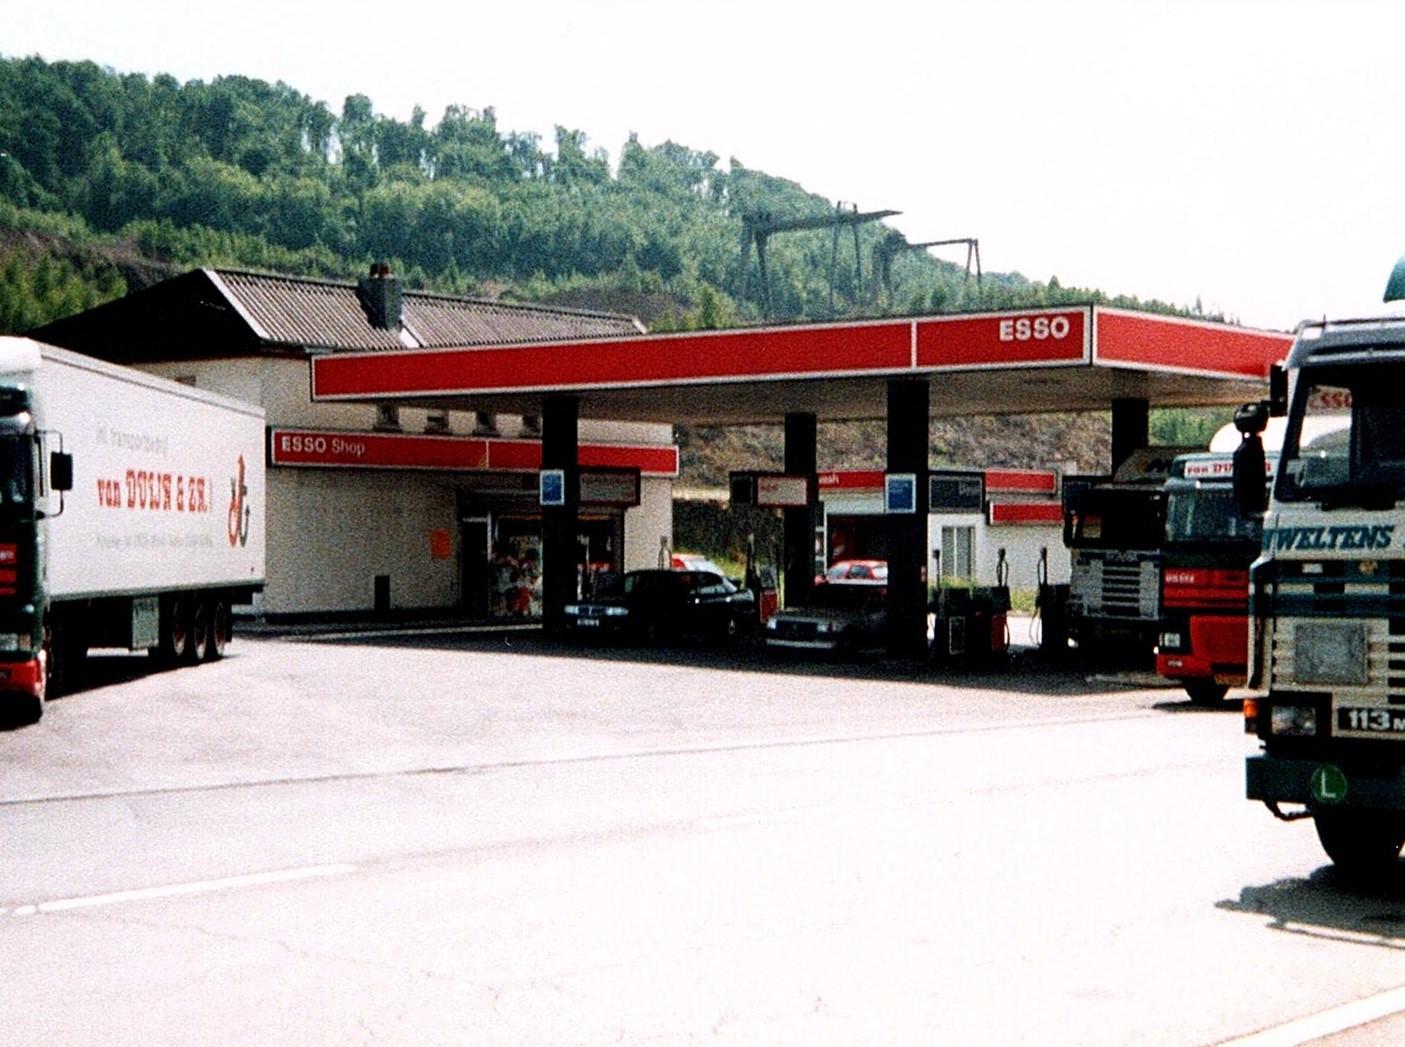 Bert-met-de-Scania-vakantie-vieren-in-Italie-29